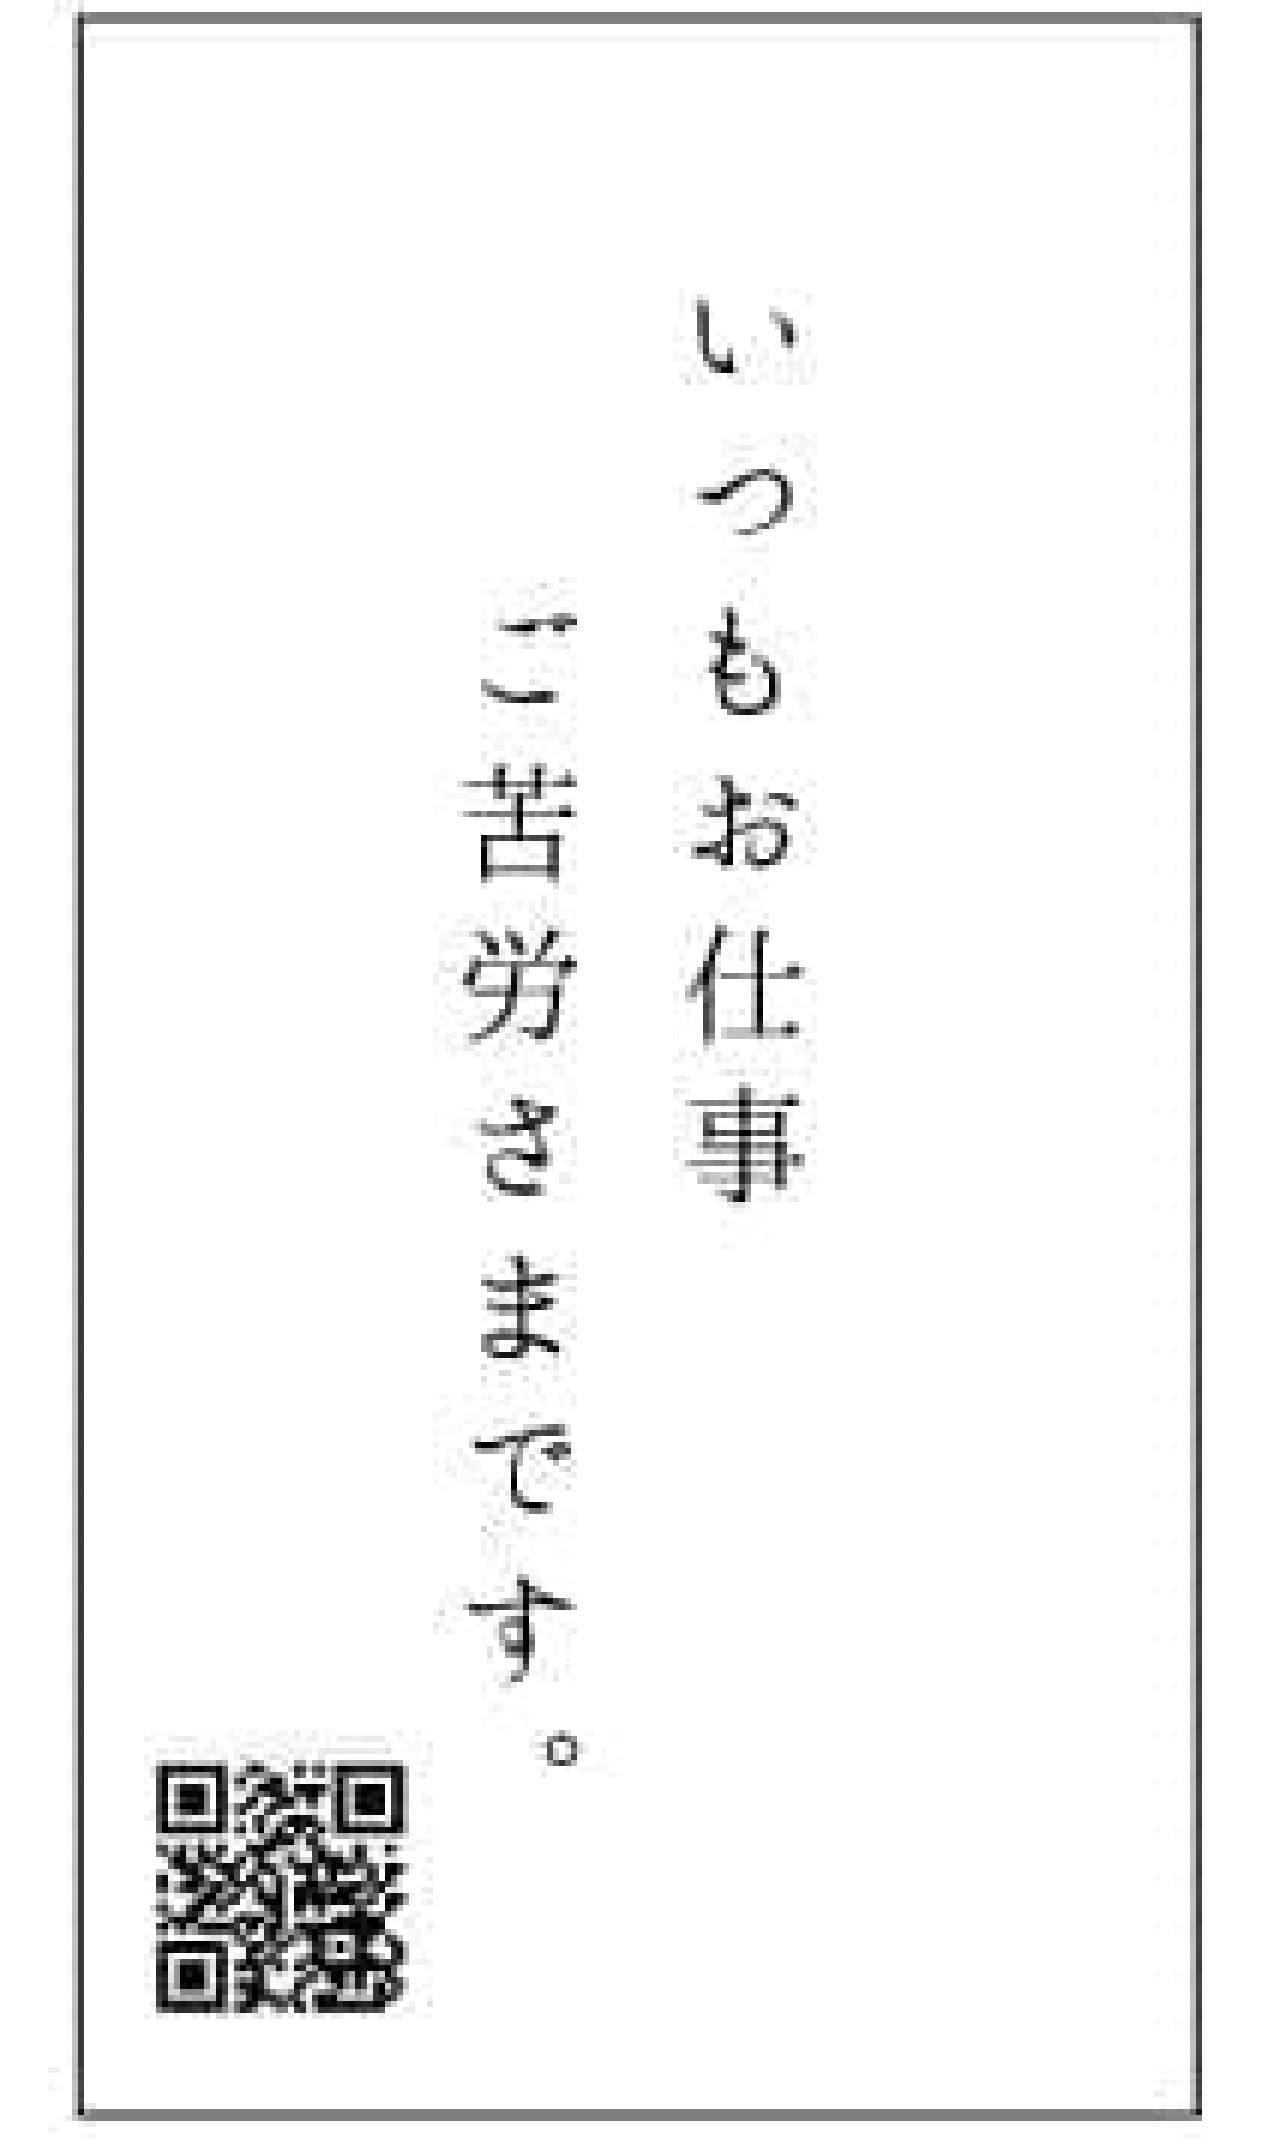 メッセージカード例